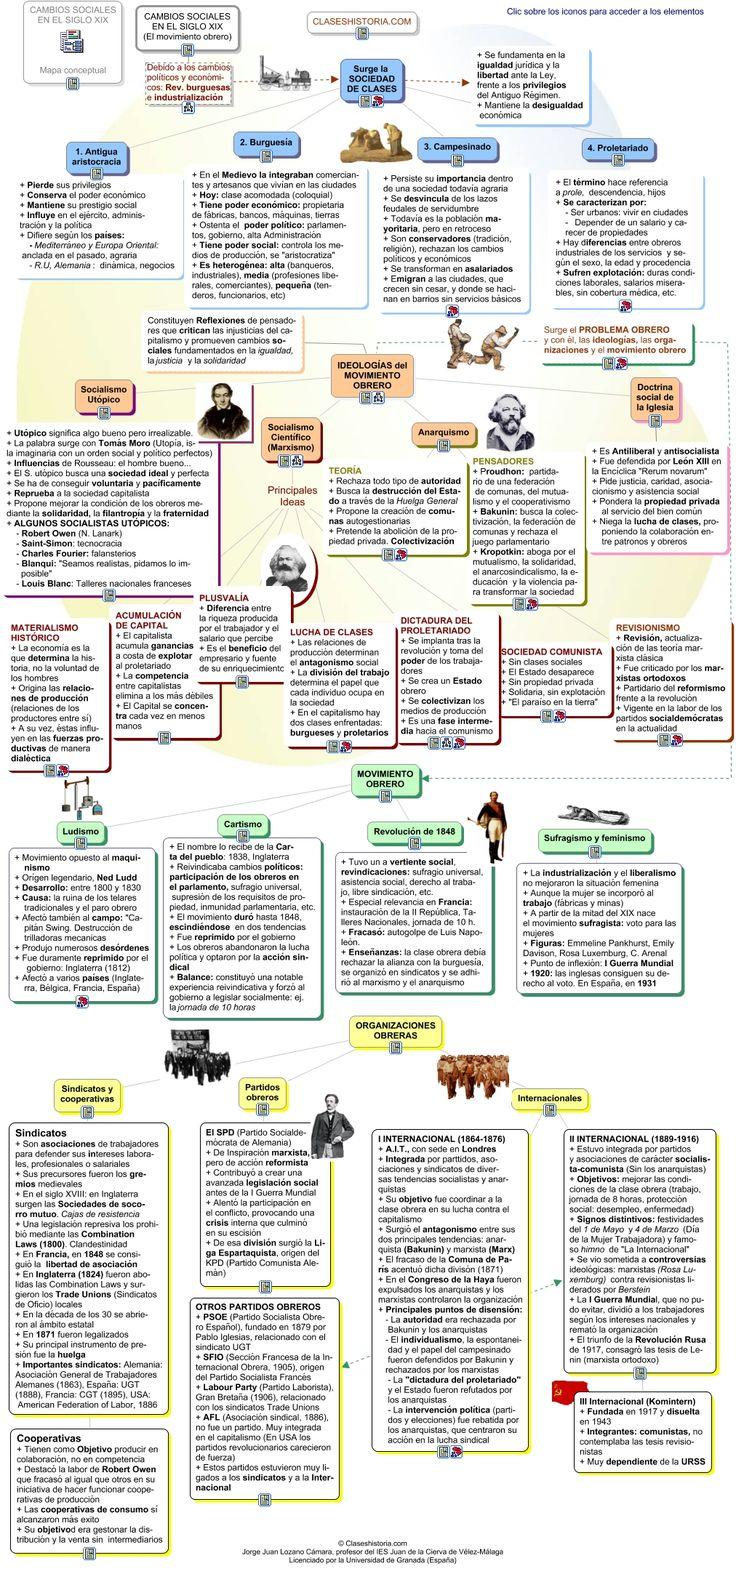 mapa-movimientoobrero.html